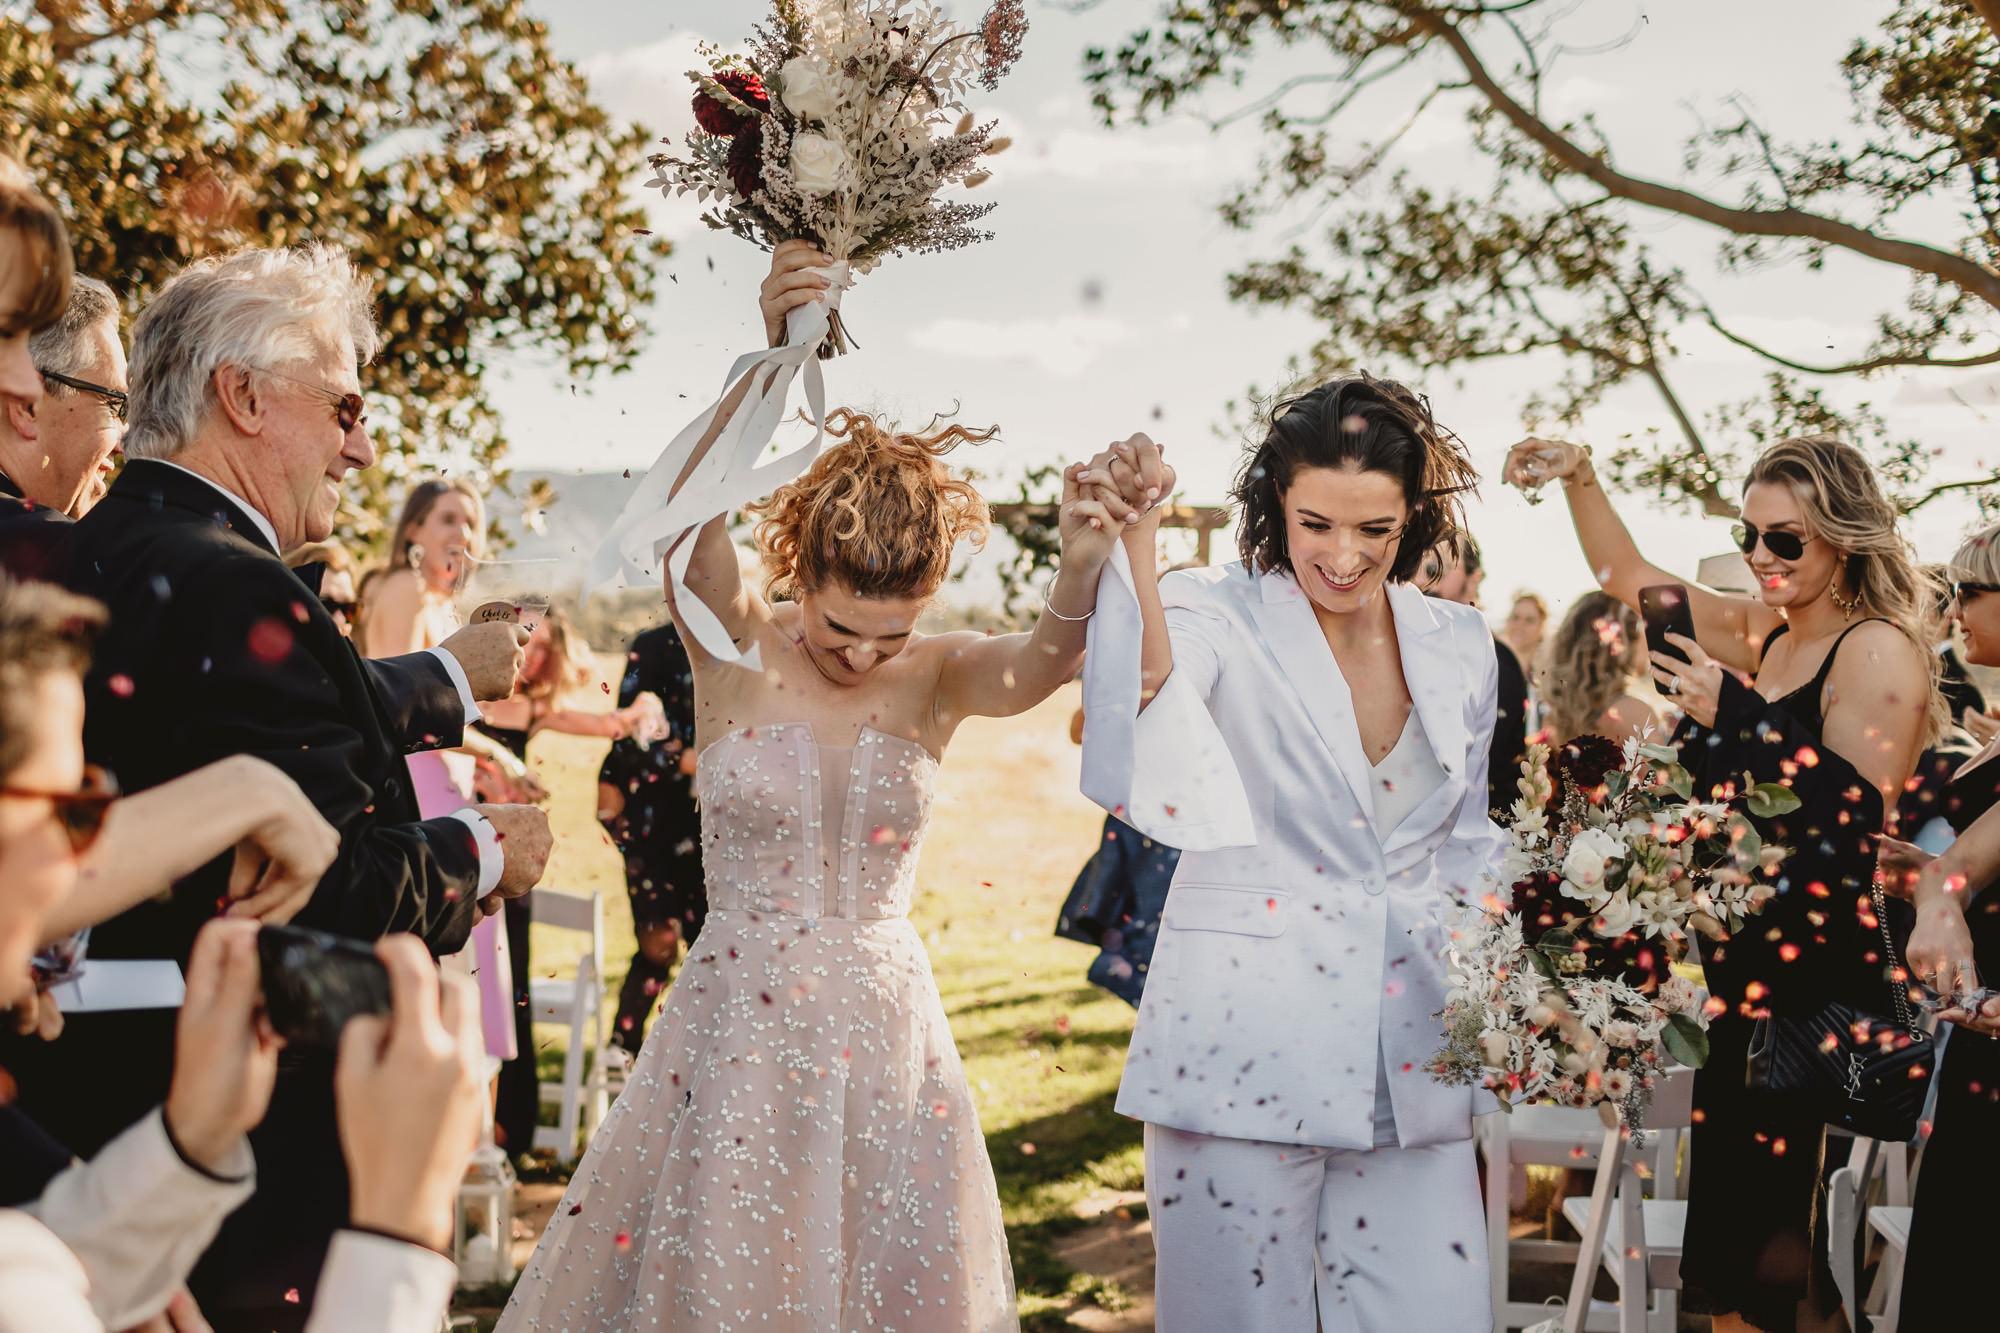 same sex wedding at bimbadgen palmers lane